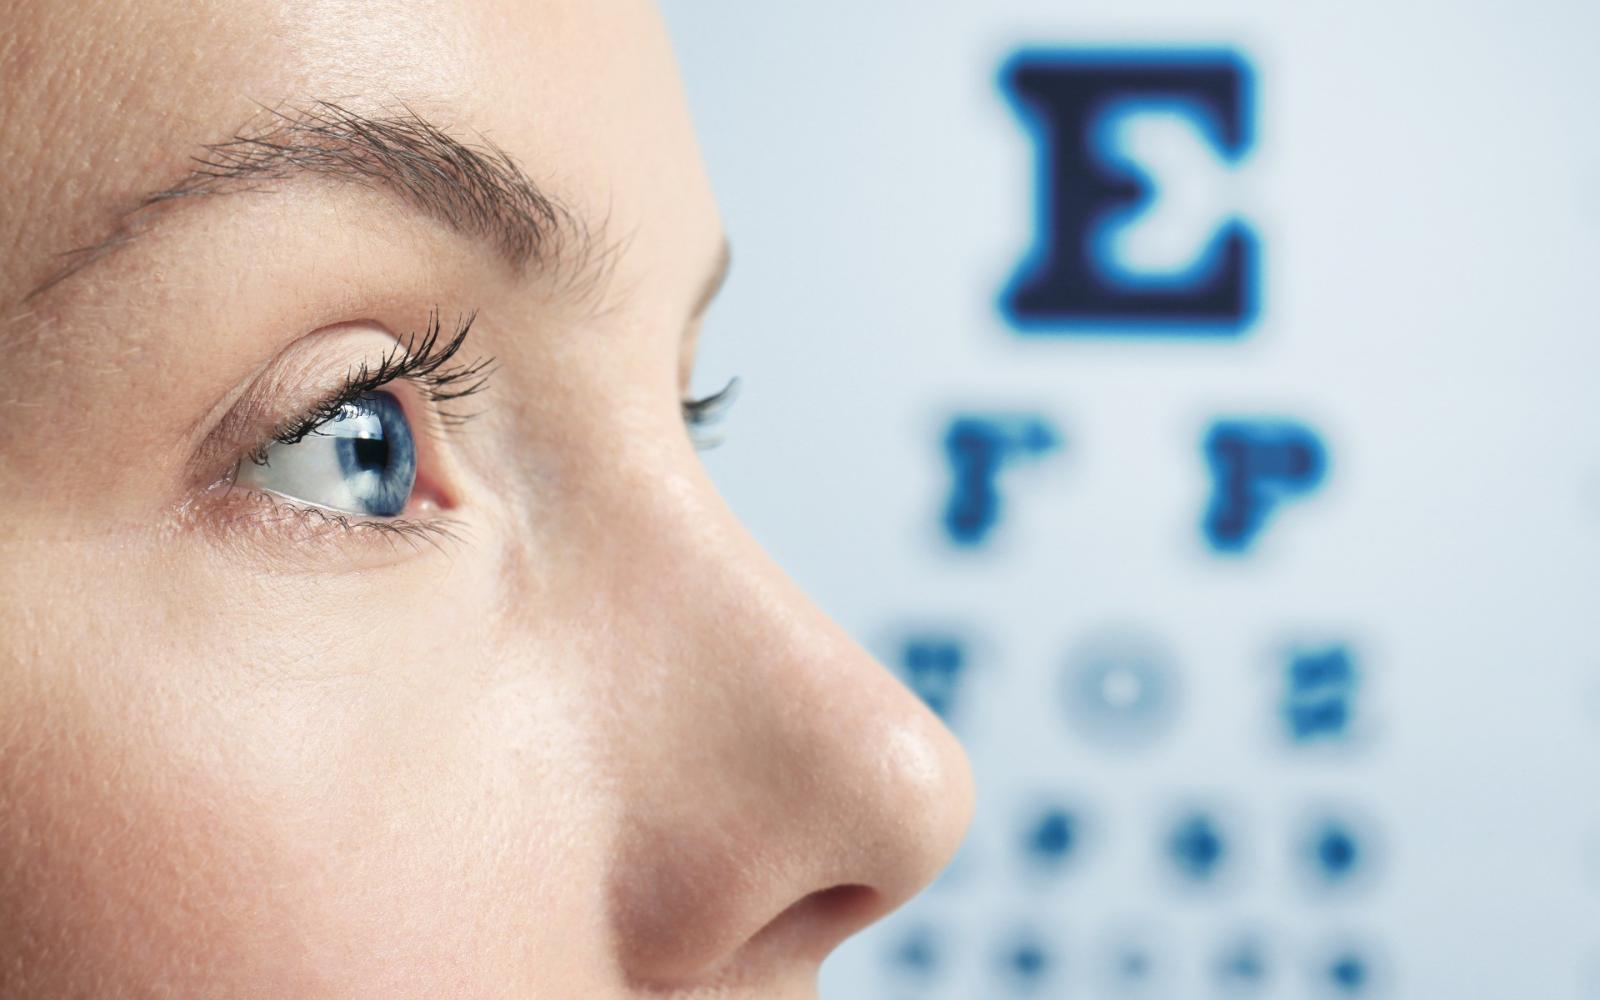 szembetegség gyermekkori hyperopia esetén betűk a látásélesség ellenőrzésére